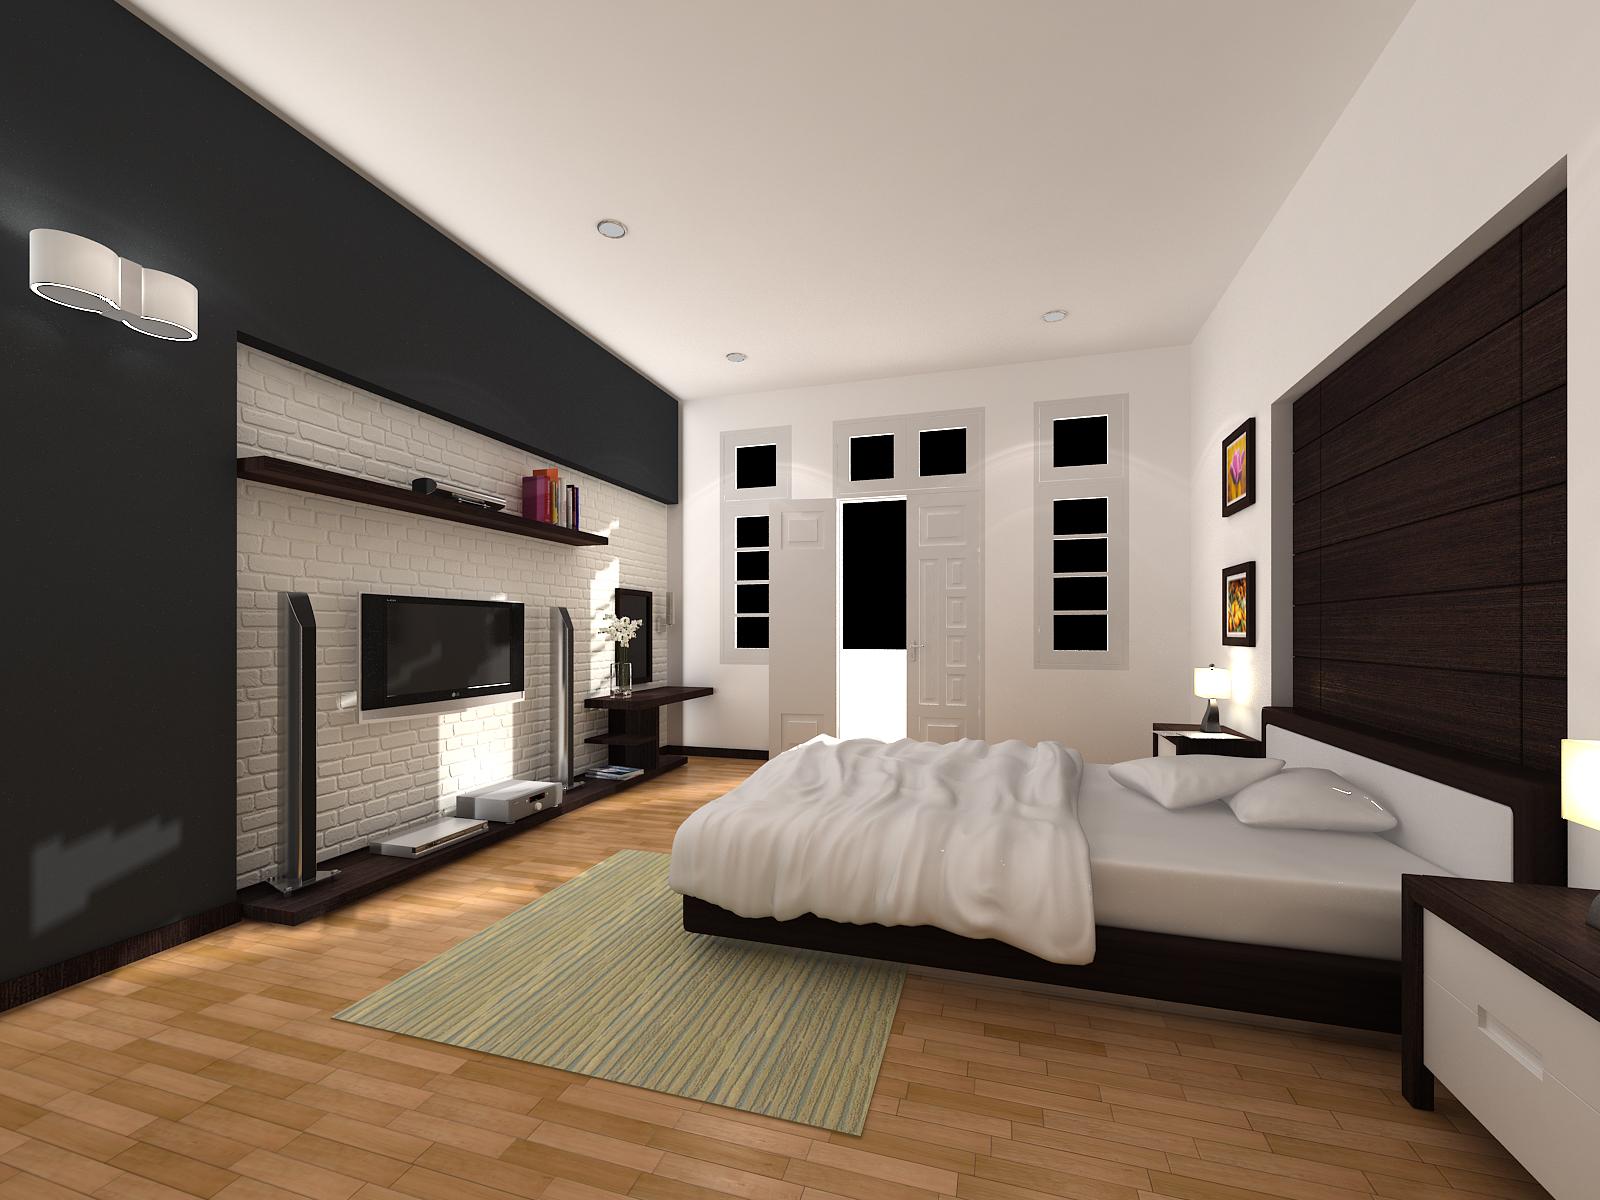 thiết kế nội thất Nhà tại Hà Nội nhà ở lô phố 7 1548601462